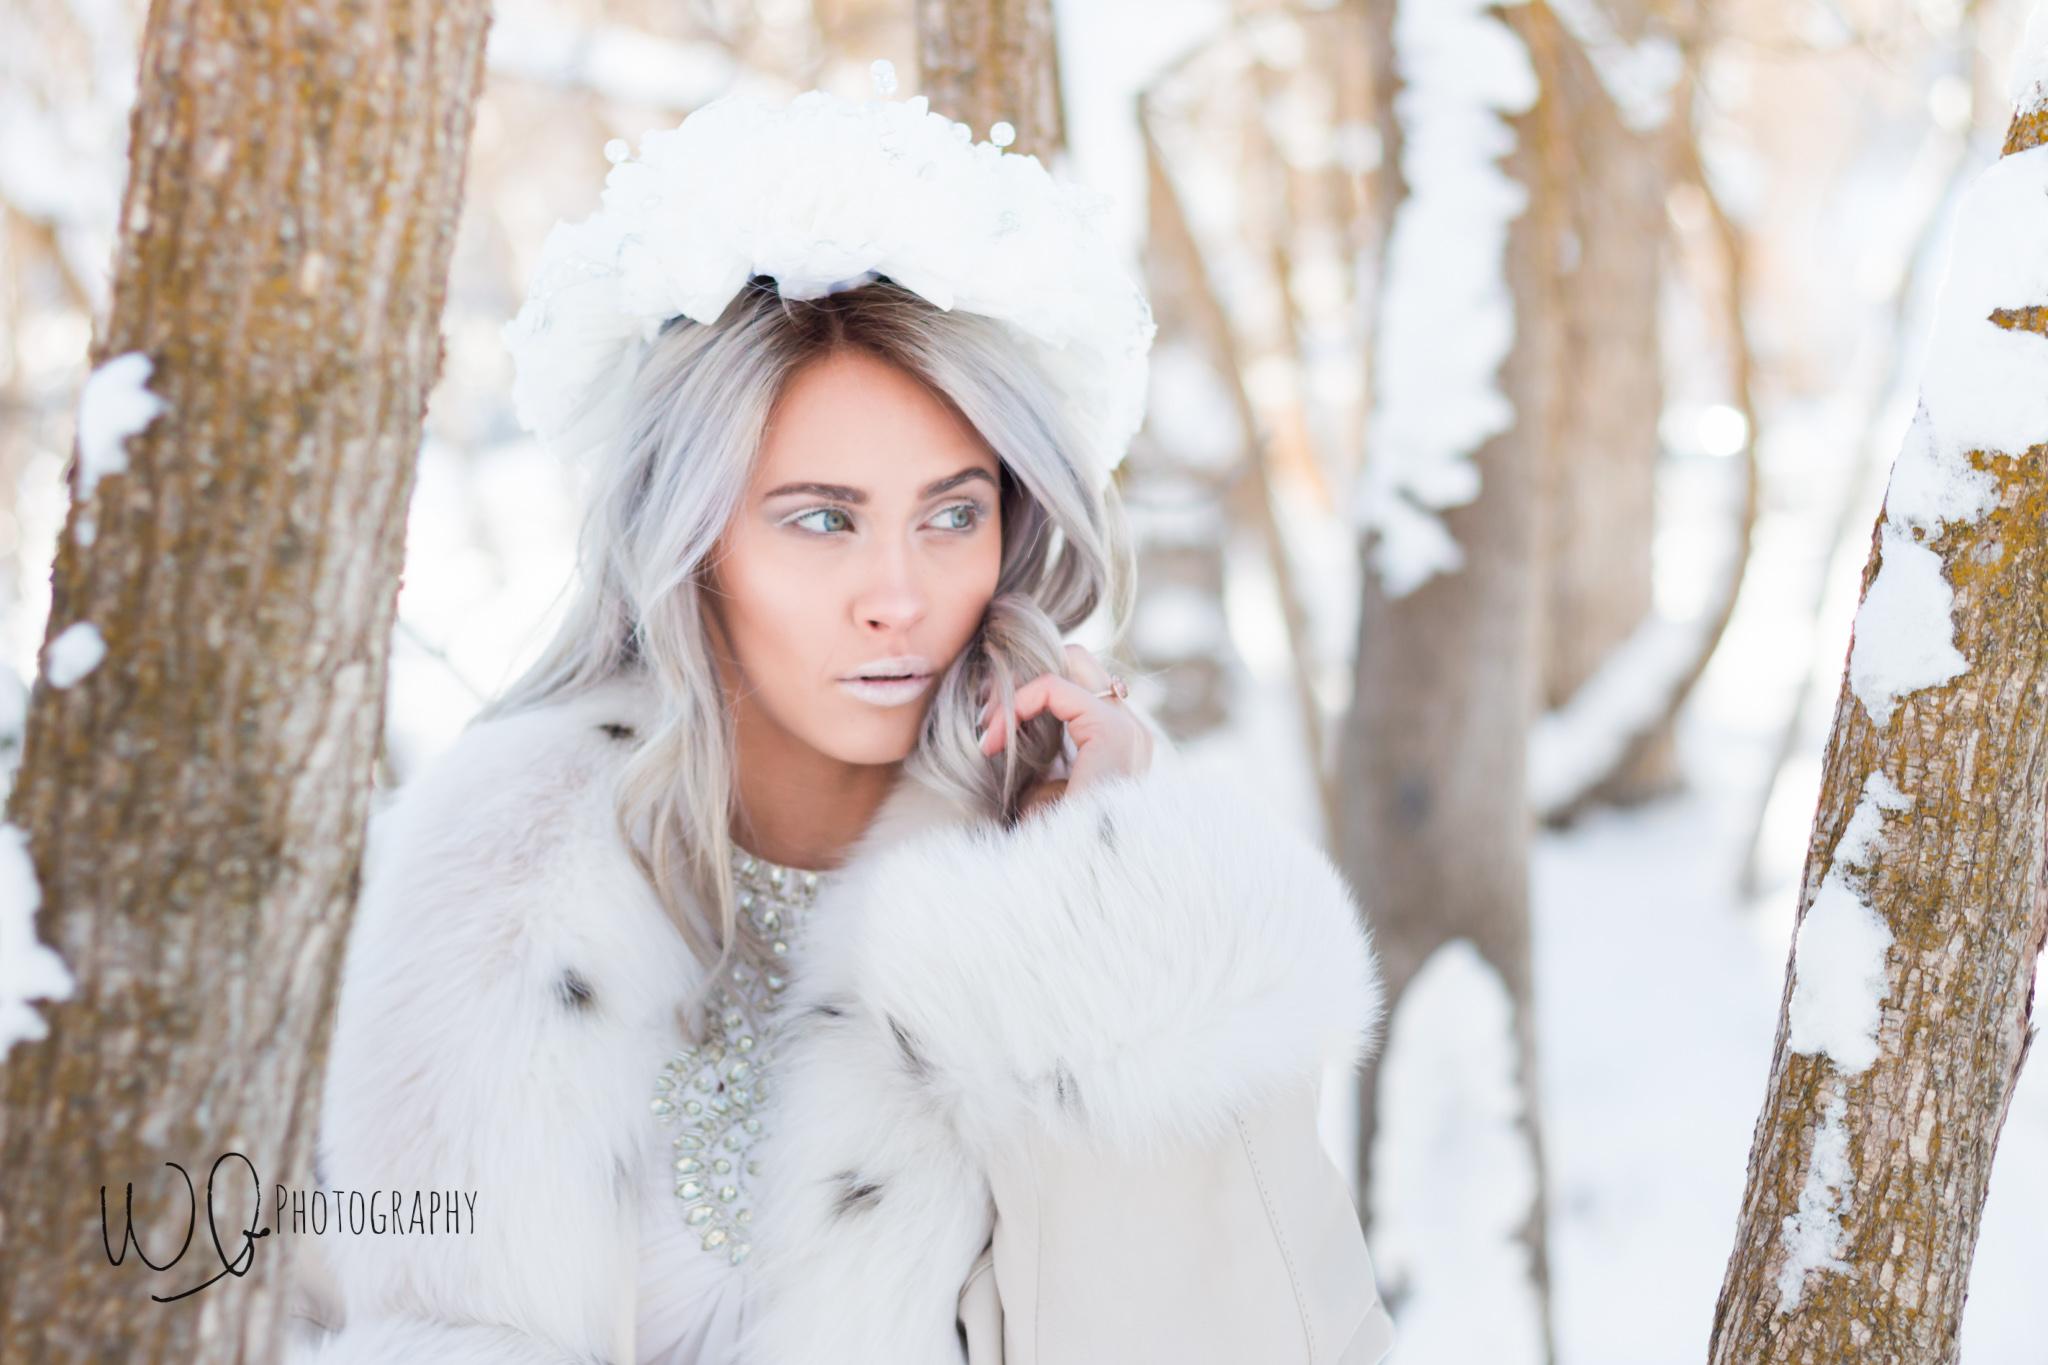 Ice Queen photo shoot, Payson Canyon